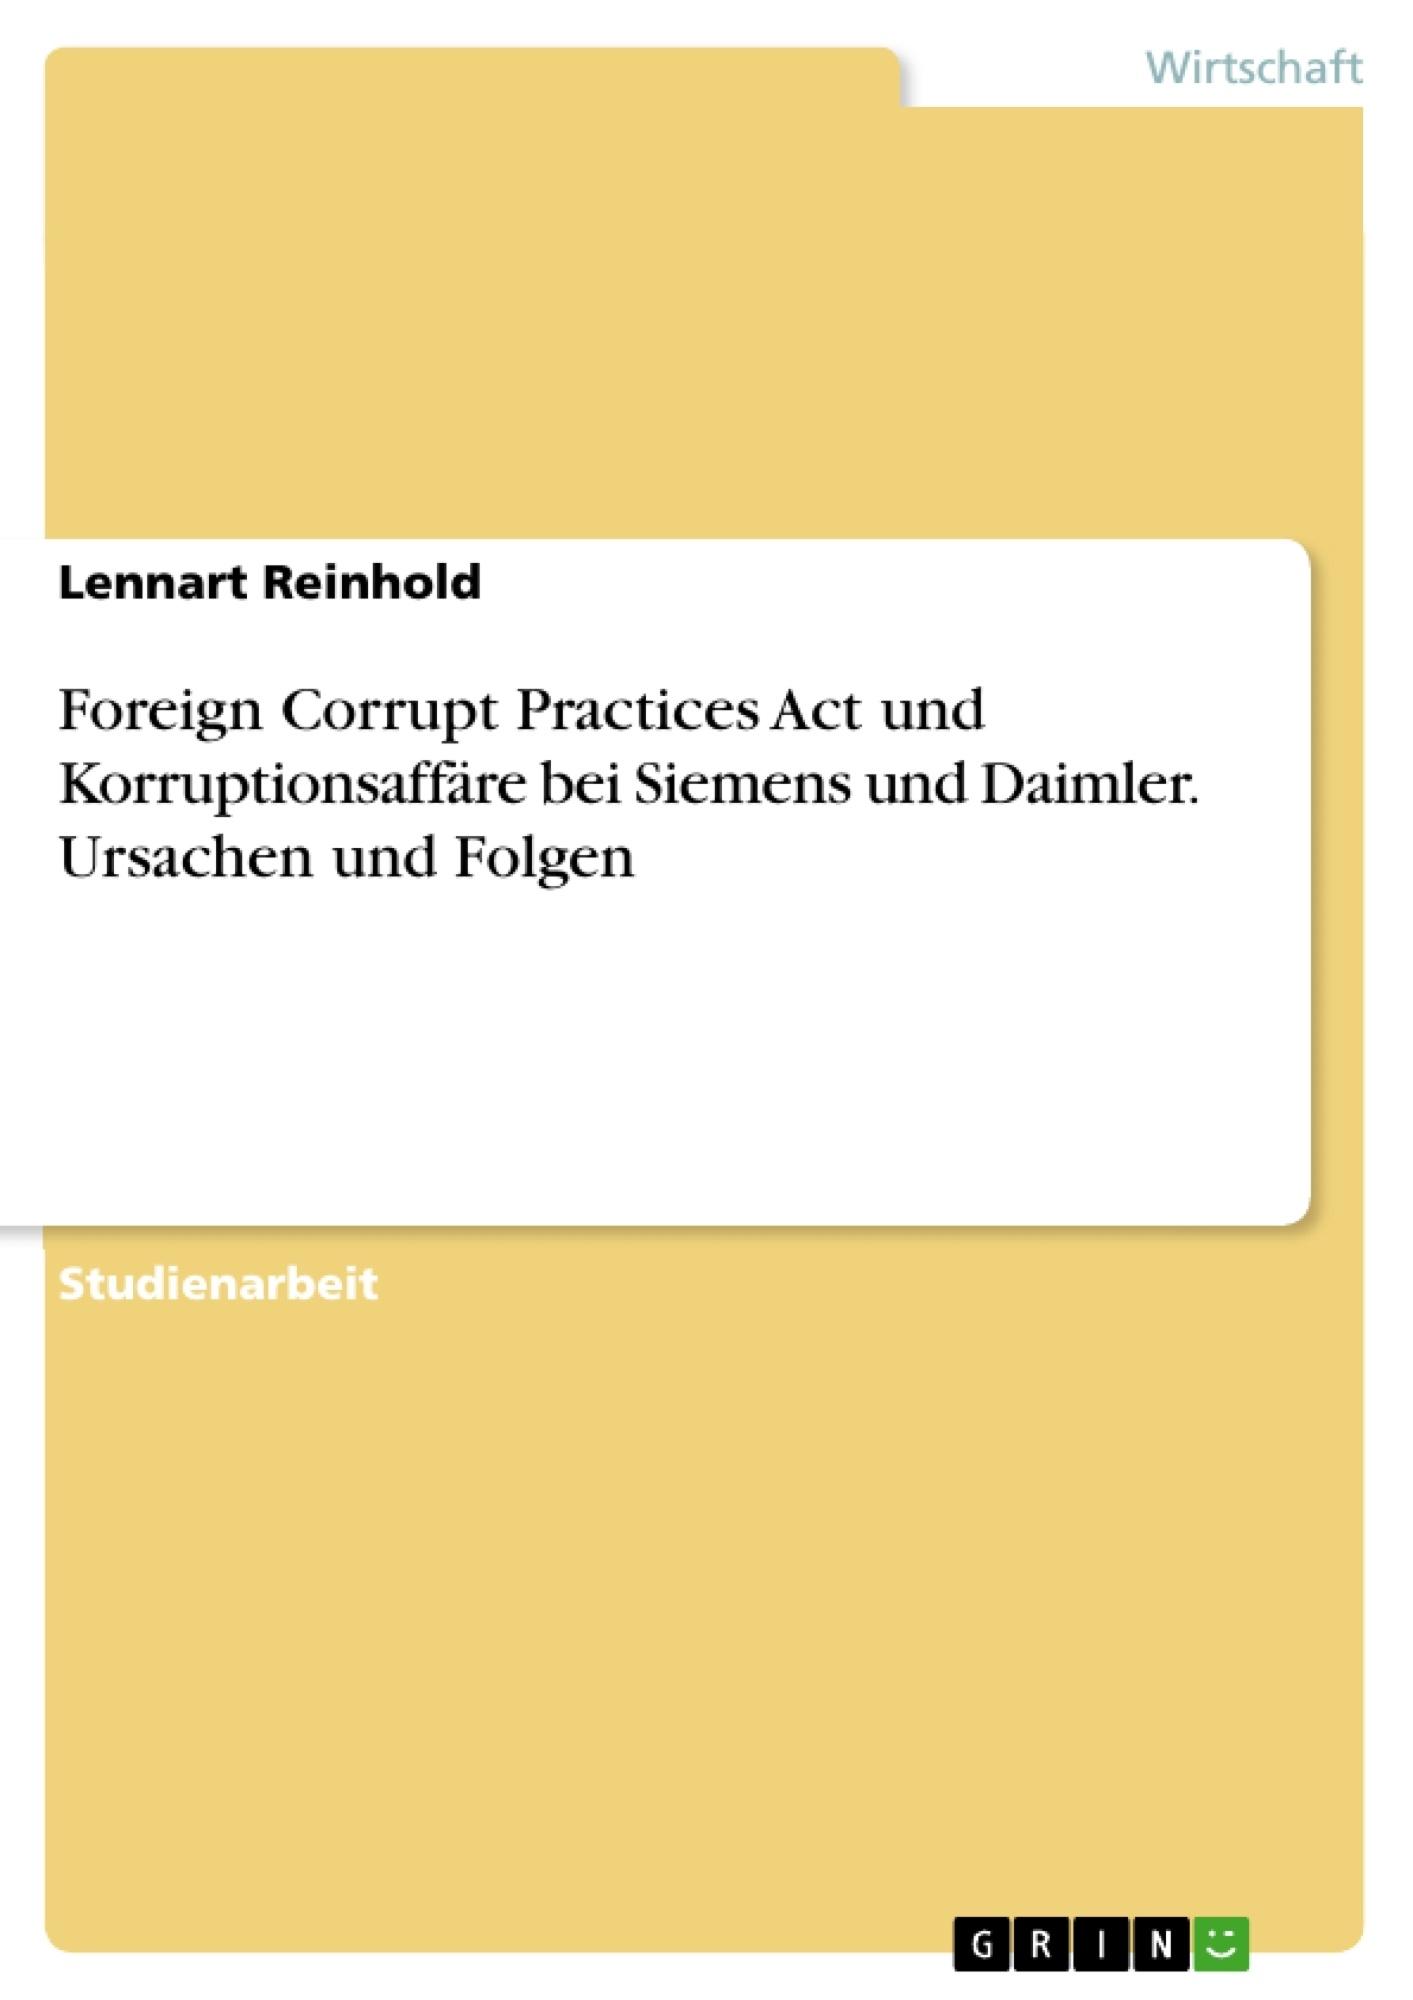 Titel: Foreign Corrupt Practices Act und Korruptionsaffäre bei Siemens und Daimler. Ursachen und Folgen